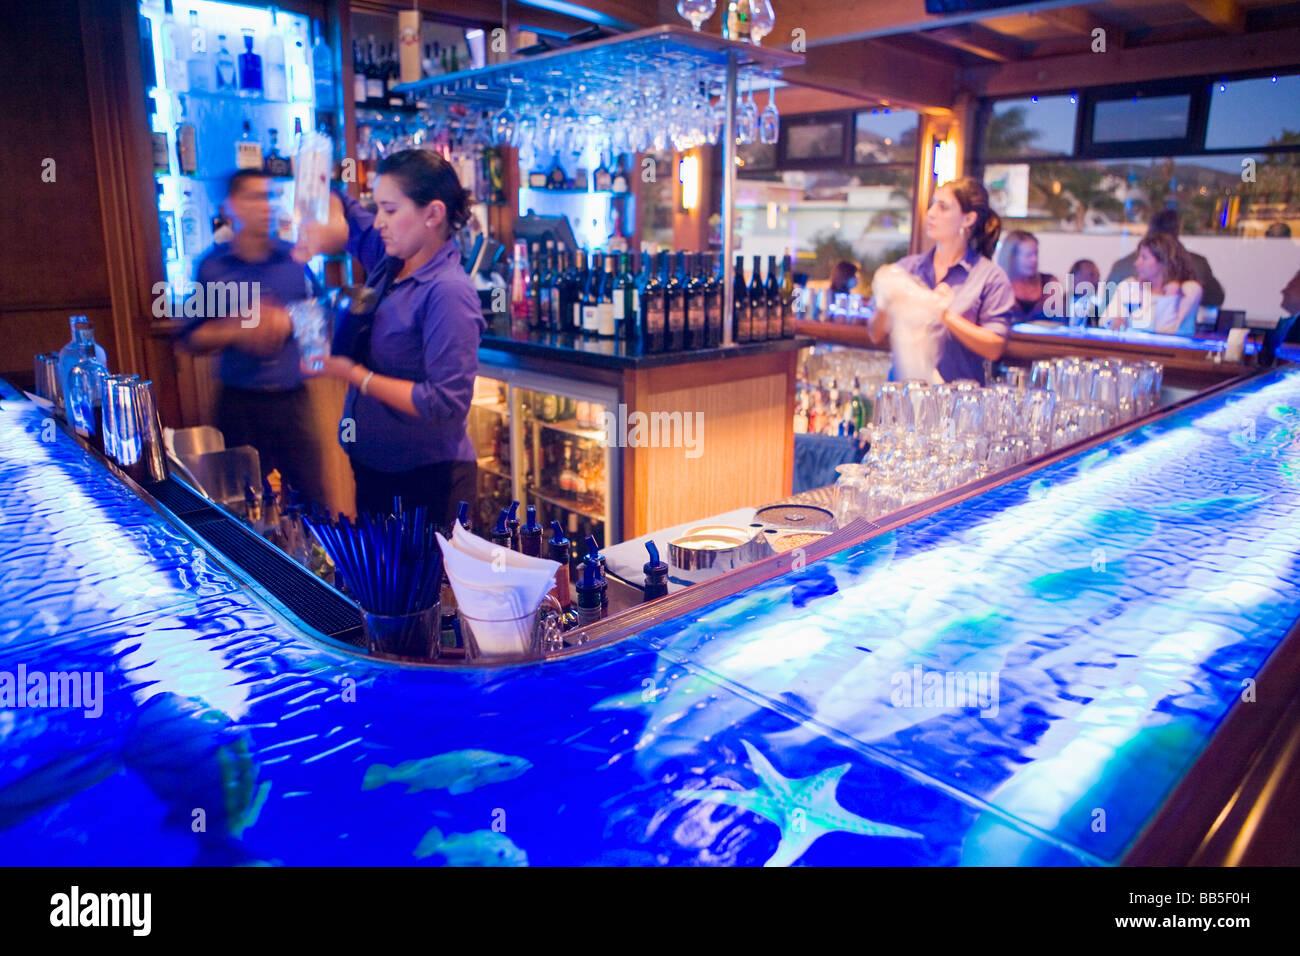 H2O Bar Wasserzeichen Restaurant Ventura Kalifornien Vereinigte Staaten von Amerika Stockbild